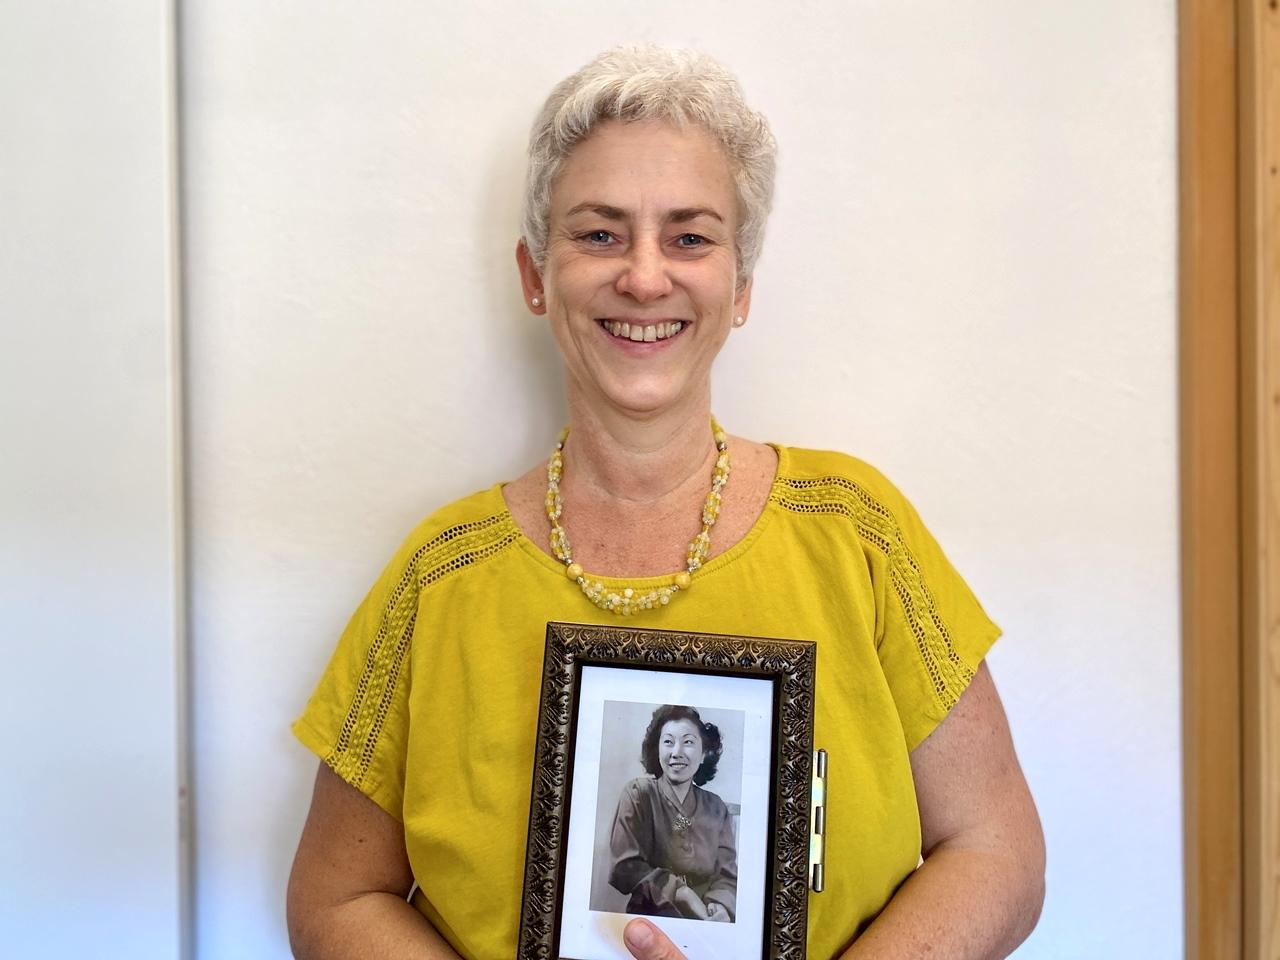 Jin Shin Jyutsu-Praktikerin Petra Weber hält ein Bild von Mary Burmeister